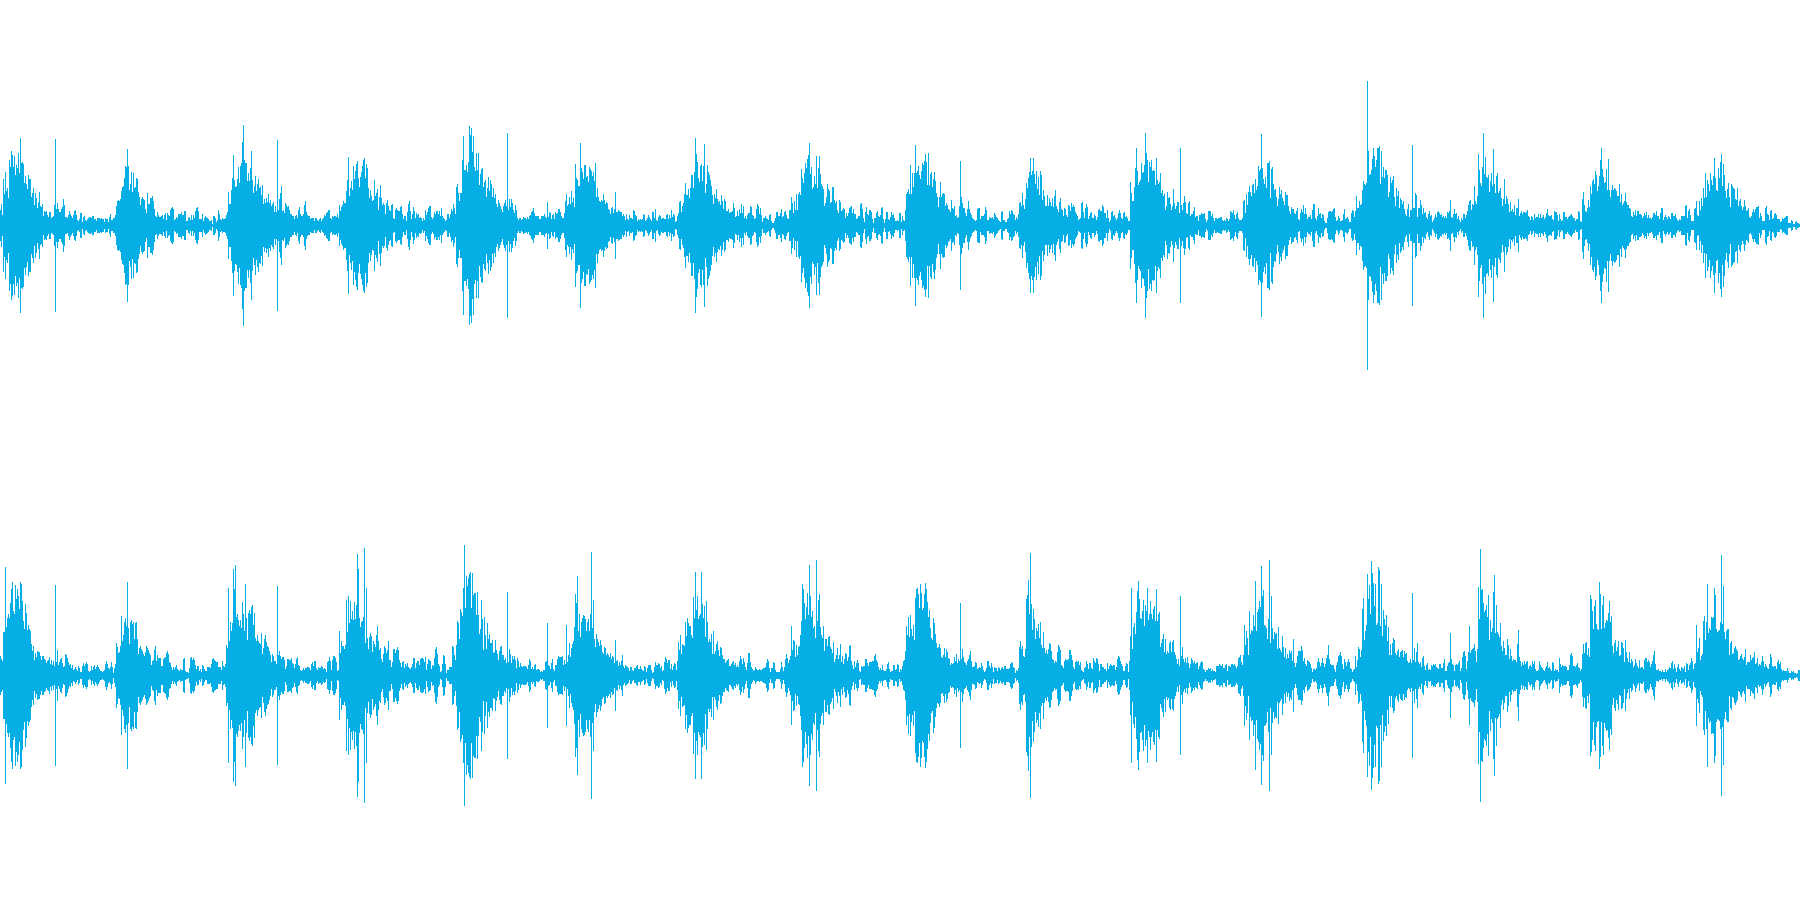 足音 行進の音(軍隊、兵隊、大人数等)5の再生済みの波形